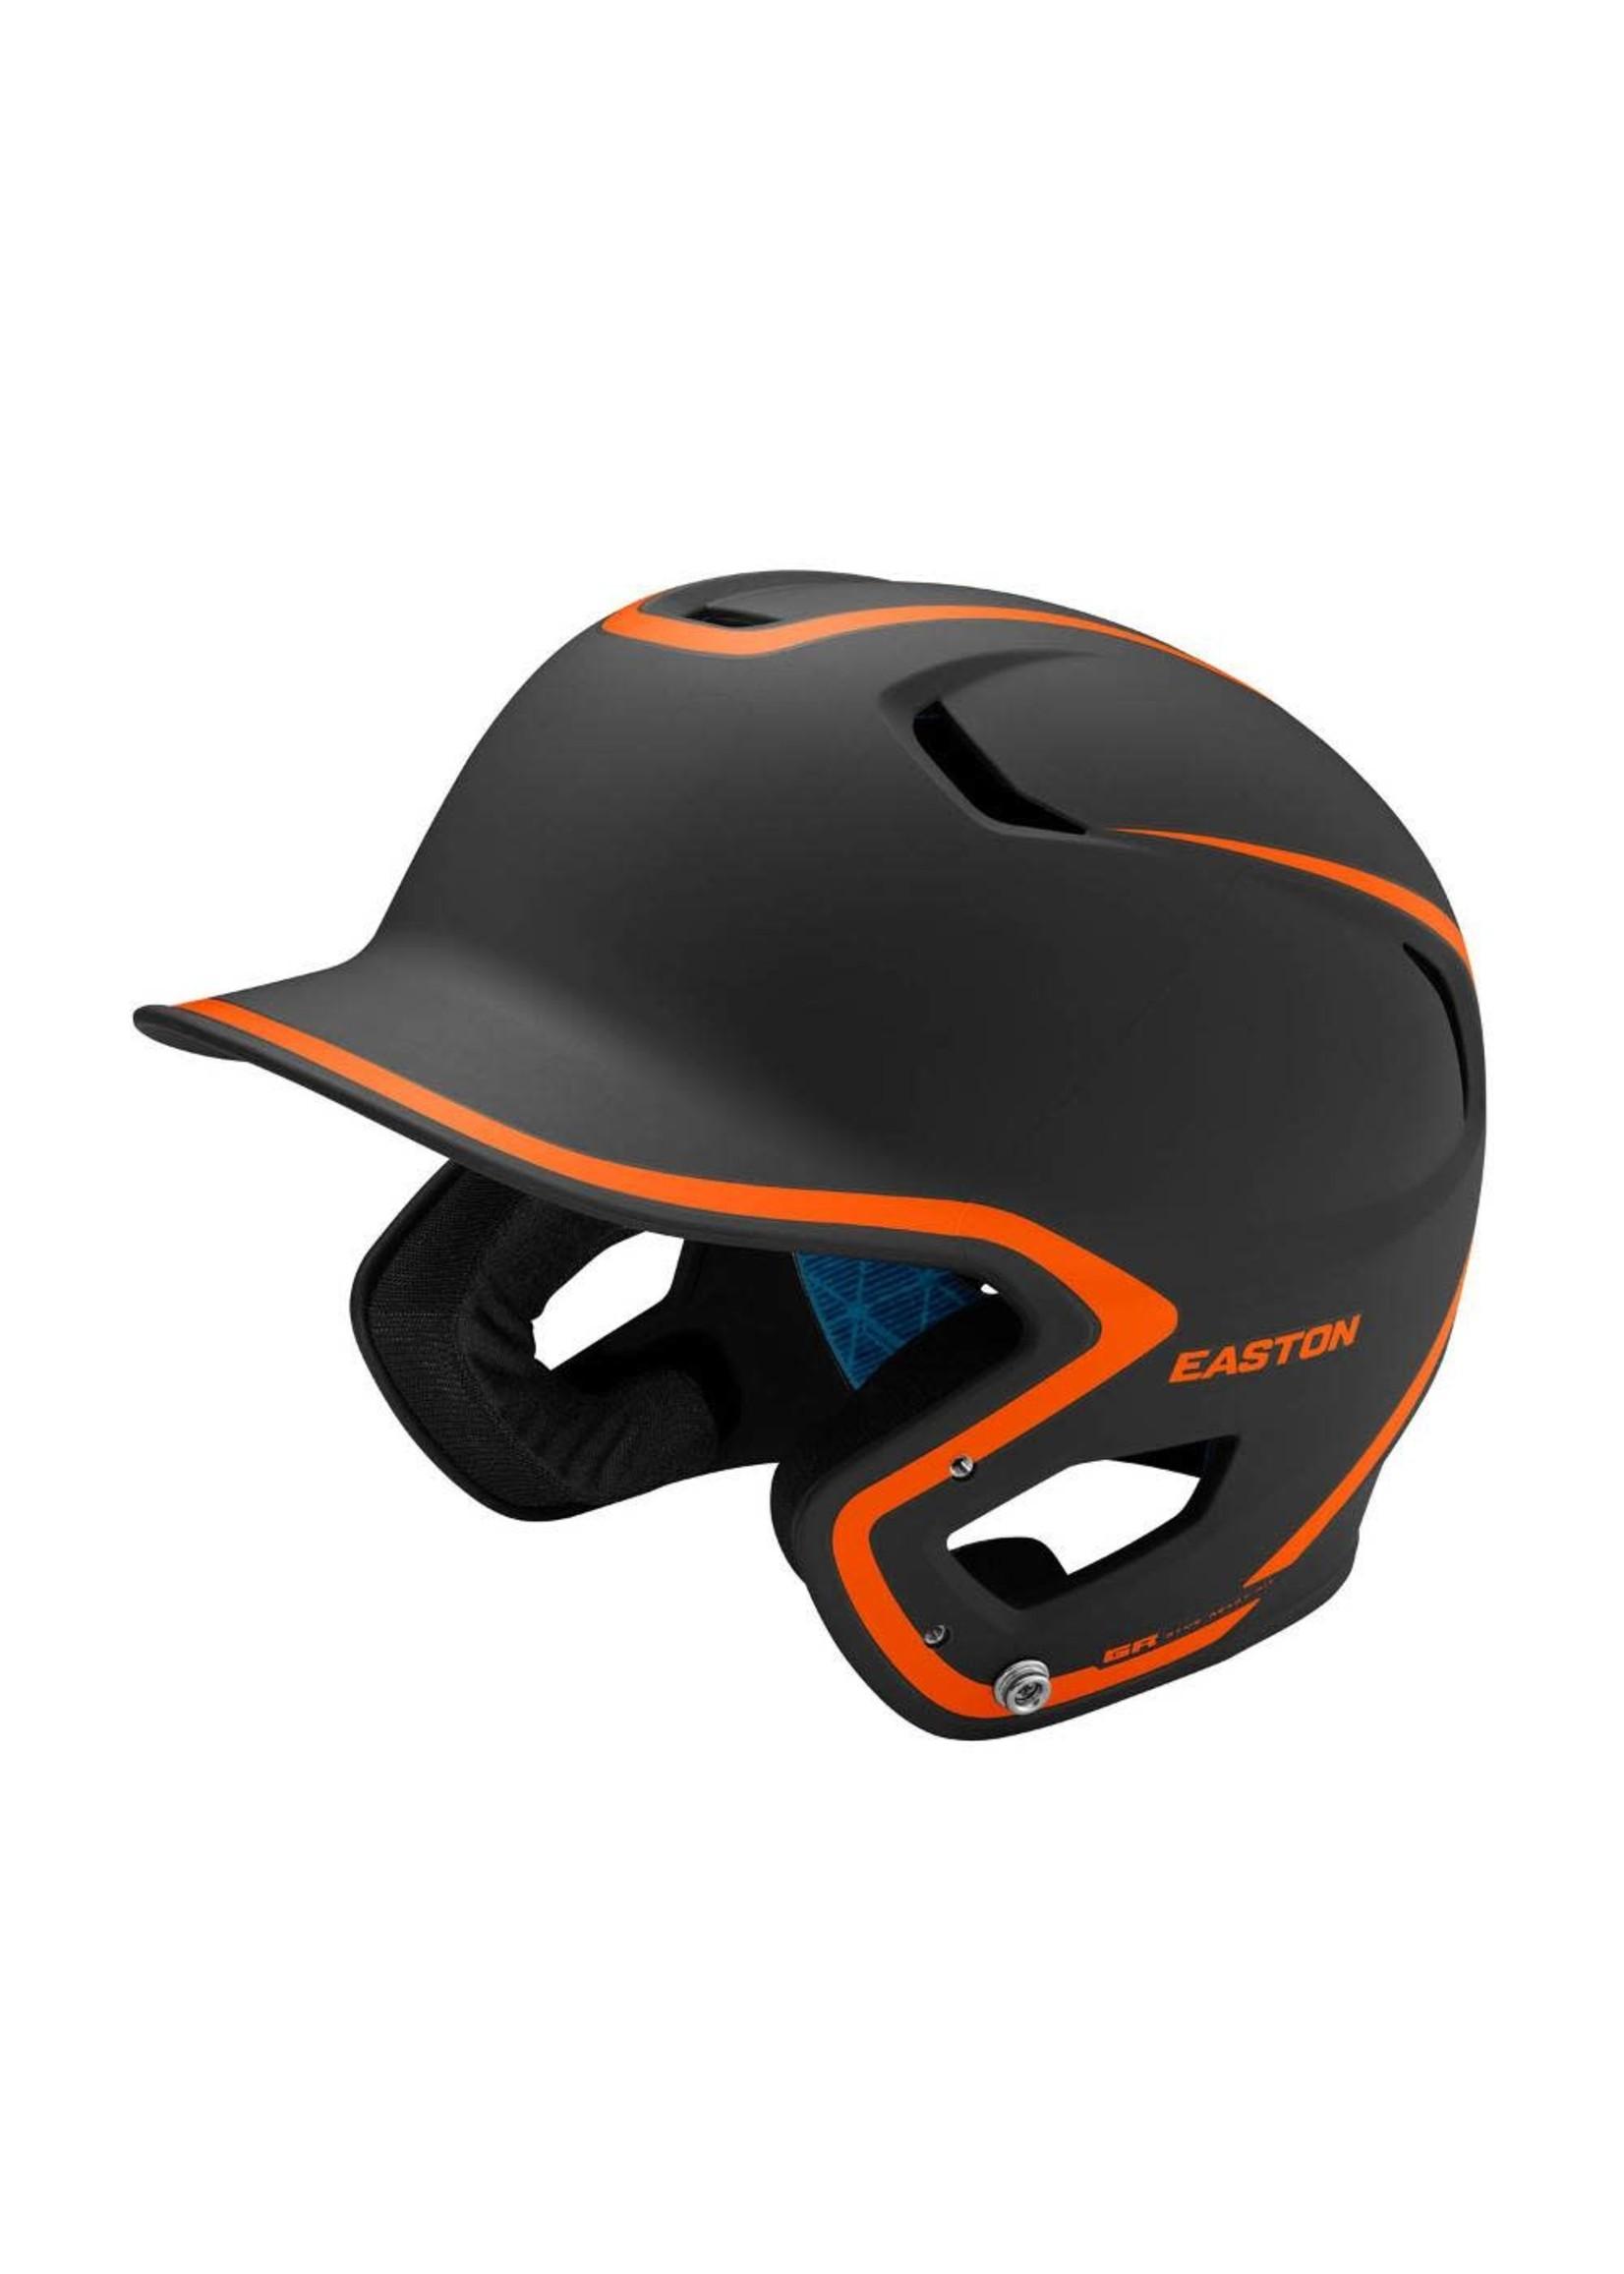 Easton Baseball (Canada) EASTON Z5 2.0 MAT 2 TONS CASQUE